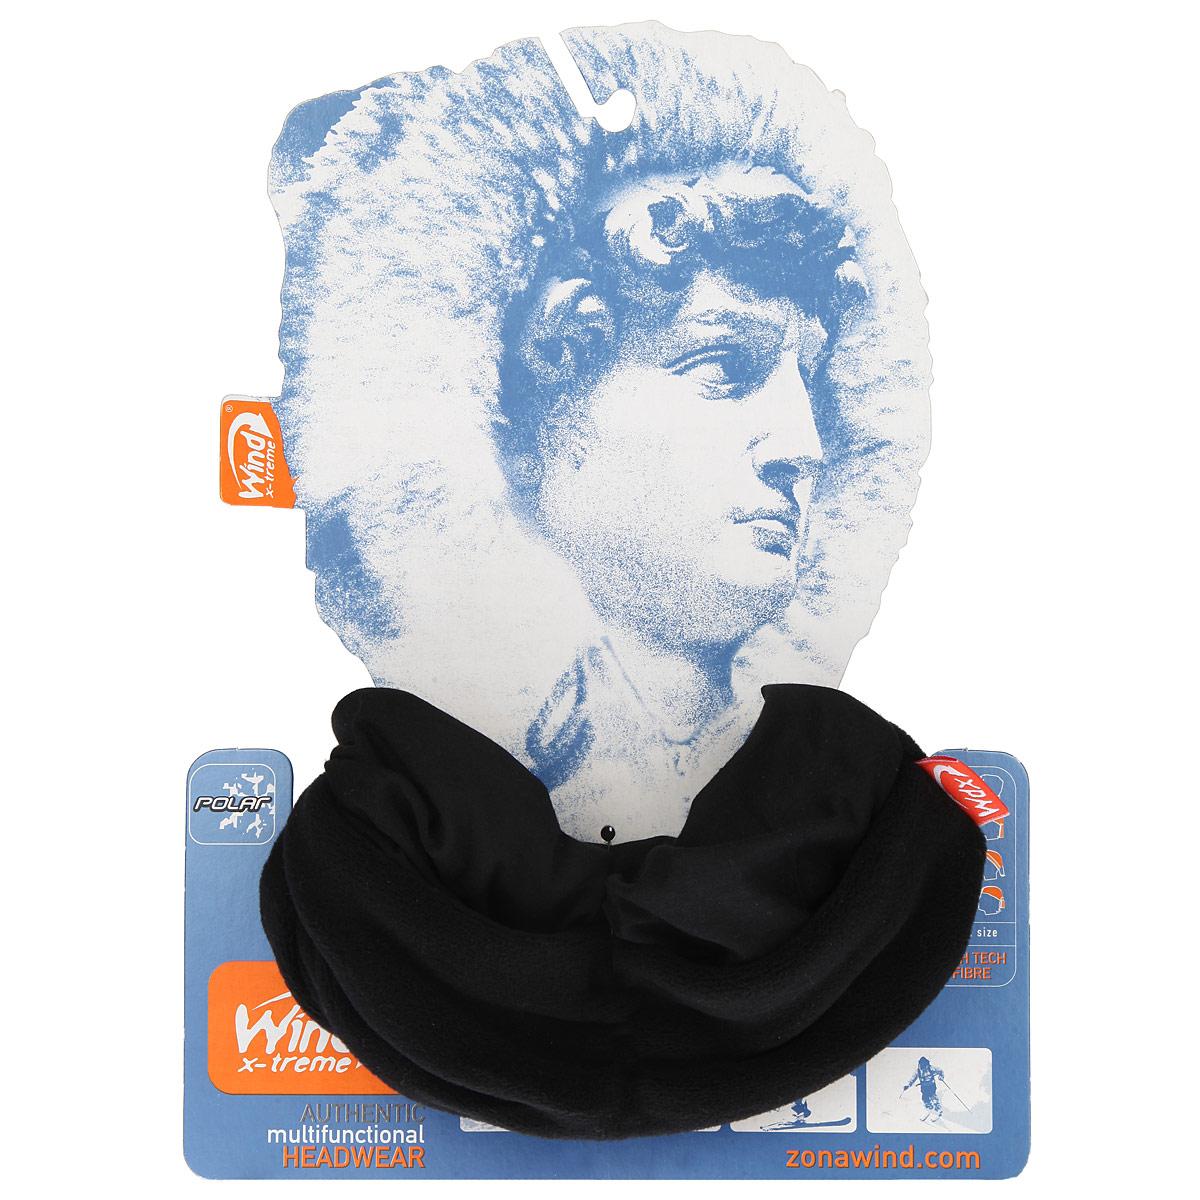 Бандана многофункциональная WindXtreme PolarWind, цвет: черный. УТ-0000572116. Размер 53/62УТ-0000572116_UltraBlackМногофункциональный головной убор WindXtreme PolarWind - это очень современный предмет одежды, который защитит вас от самого лютого мороза благодаря комбинации ткани и флиса. Его можно использовать как: шарф, шейный платок, бандану, повязку, ленту для волос, балаклаву и шапку. Подходит для занятий бегом, походов, скалолазания, езды на велосипеде, сноуборда, катания на лыжах, мотоциклах, игры в хоккей, а так же для повседневного использования.Сочетание ткани и флиса Pilhot из микроволокна гарантируют дополнительные тепло и комфорт, отведение влаги, быстрое высыхание, очень эластичны, принимают практически любую форму. Обладает антибактериальным эффектом.Уважаемые клиенты!Размер, доступный для заказа, является обхватом головы.